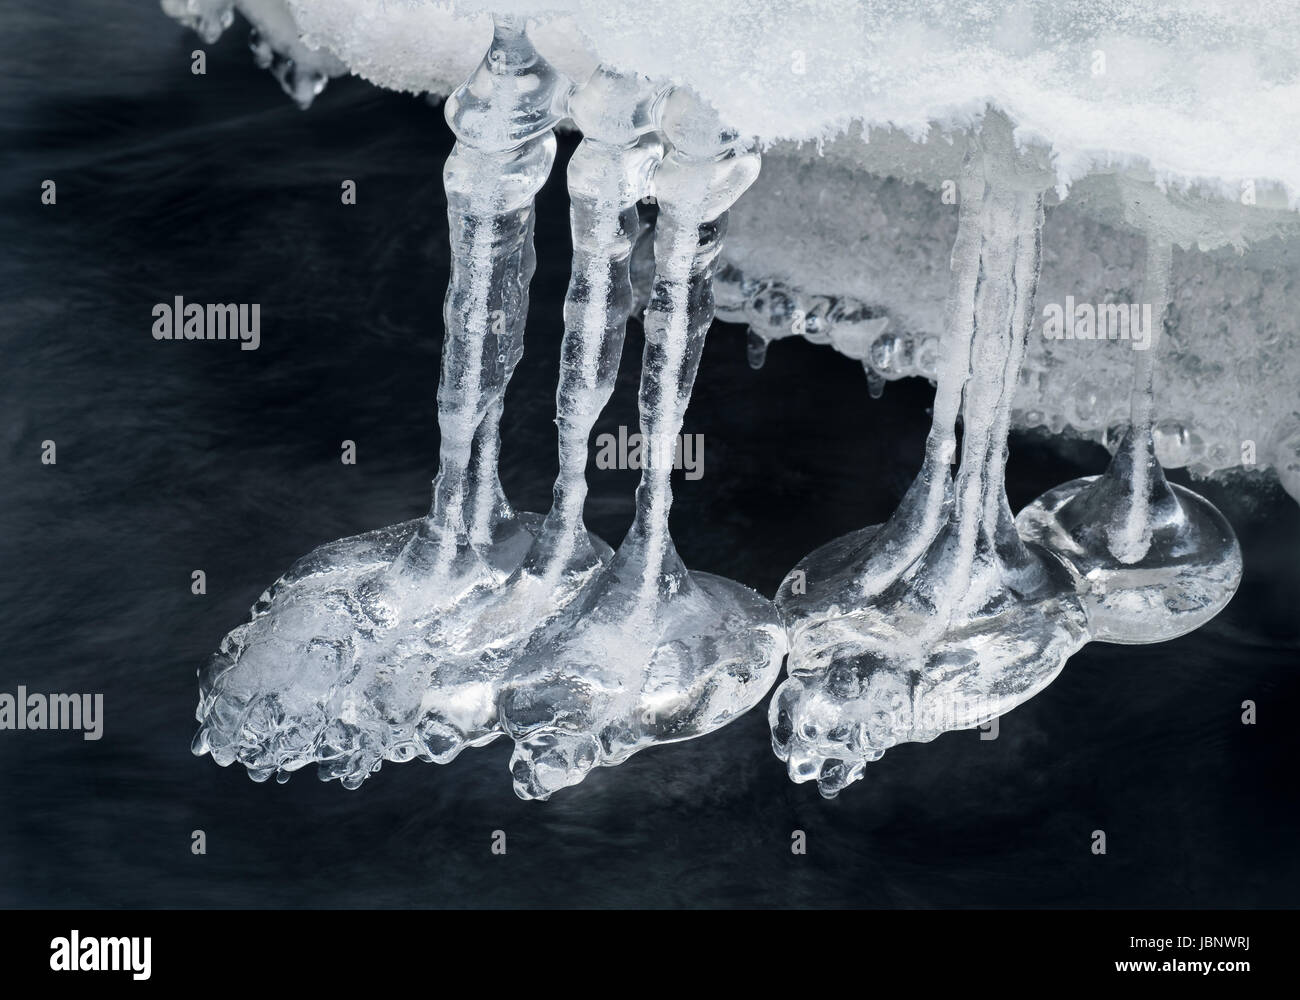 Cerca de las hermosas formas de hielo en invierno en el río. Imagen De Stock